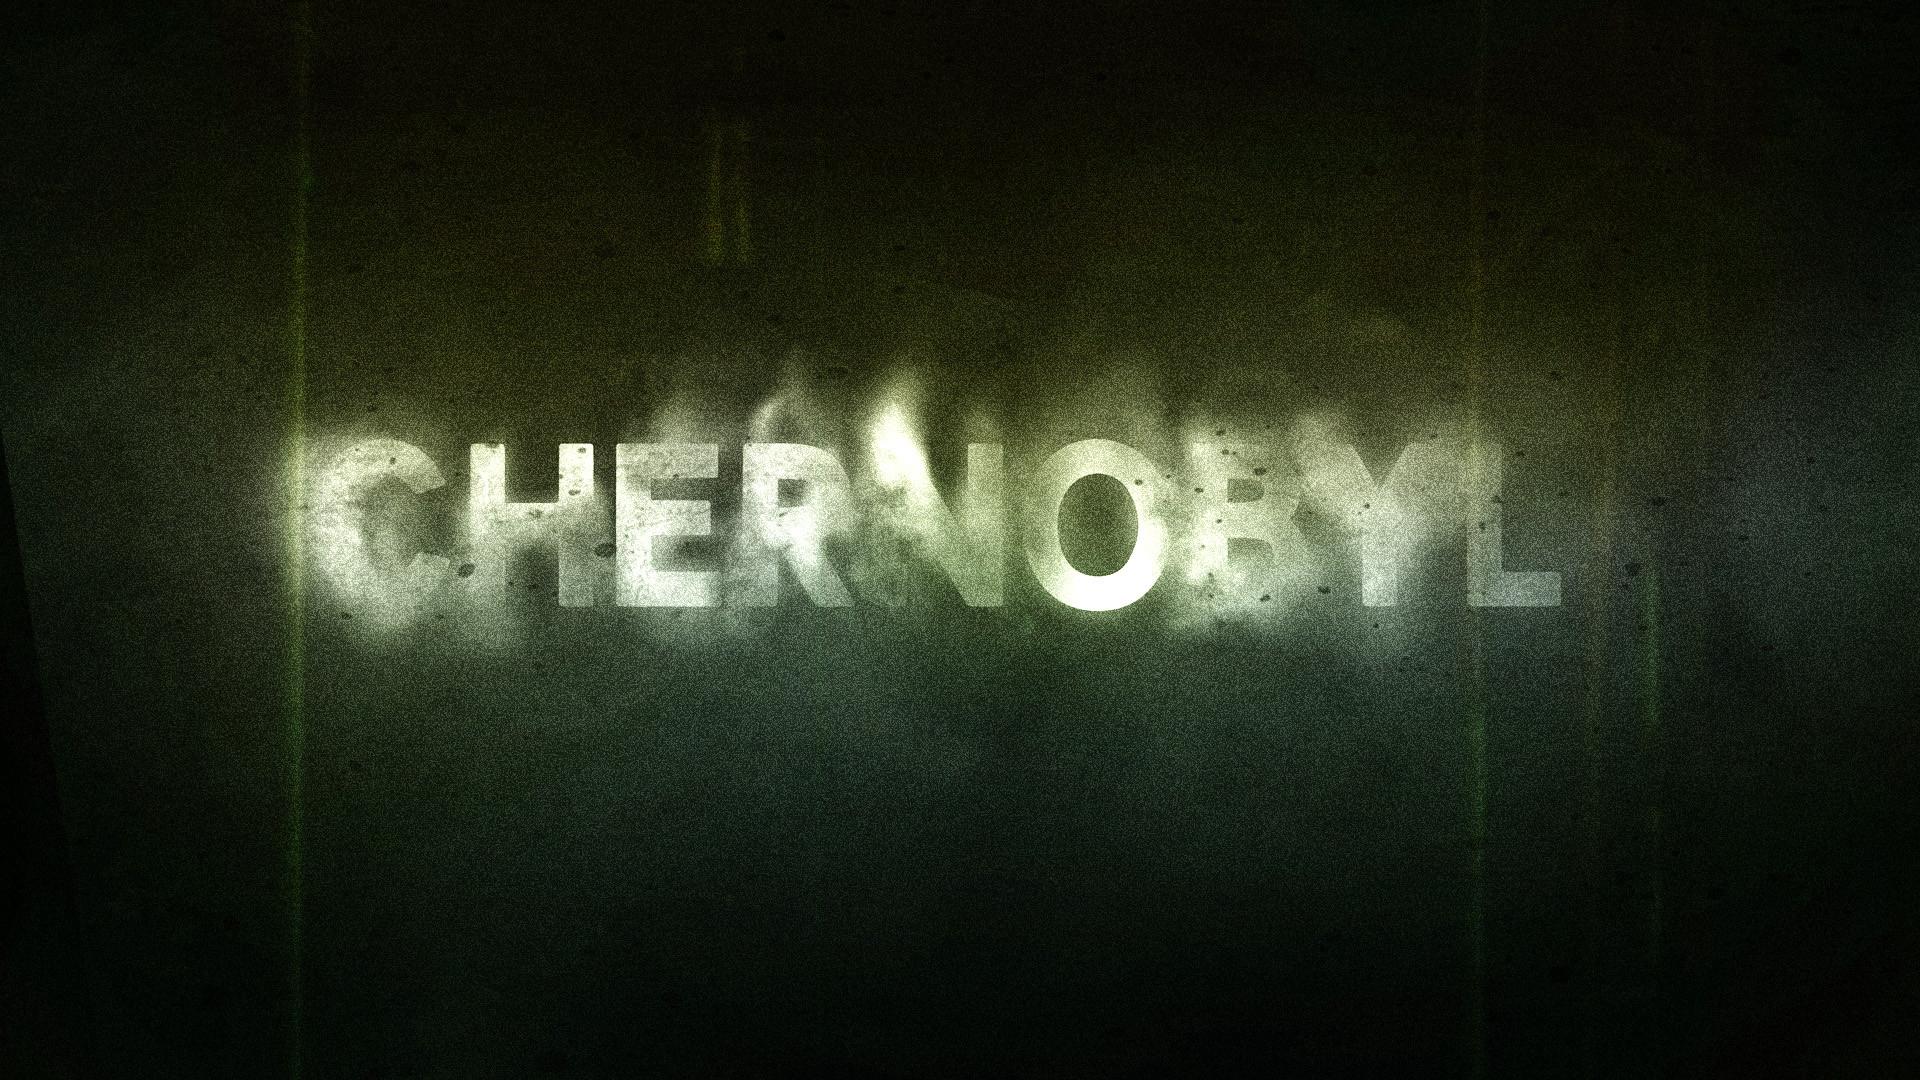 CHERNOBYL_BUMPER_STYLEFRAMES_091919Artbo